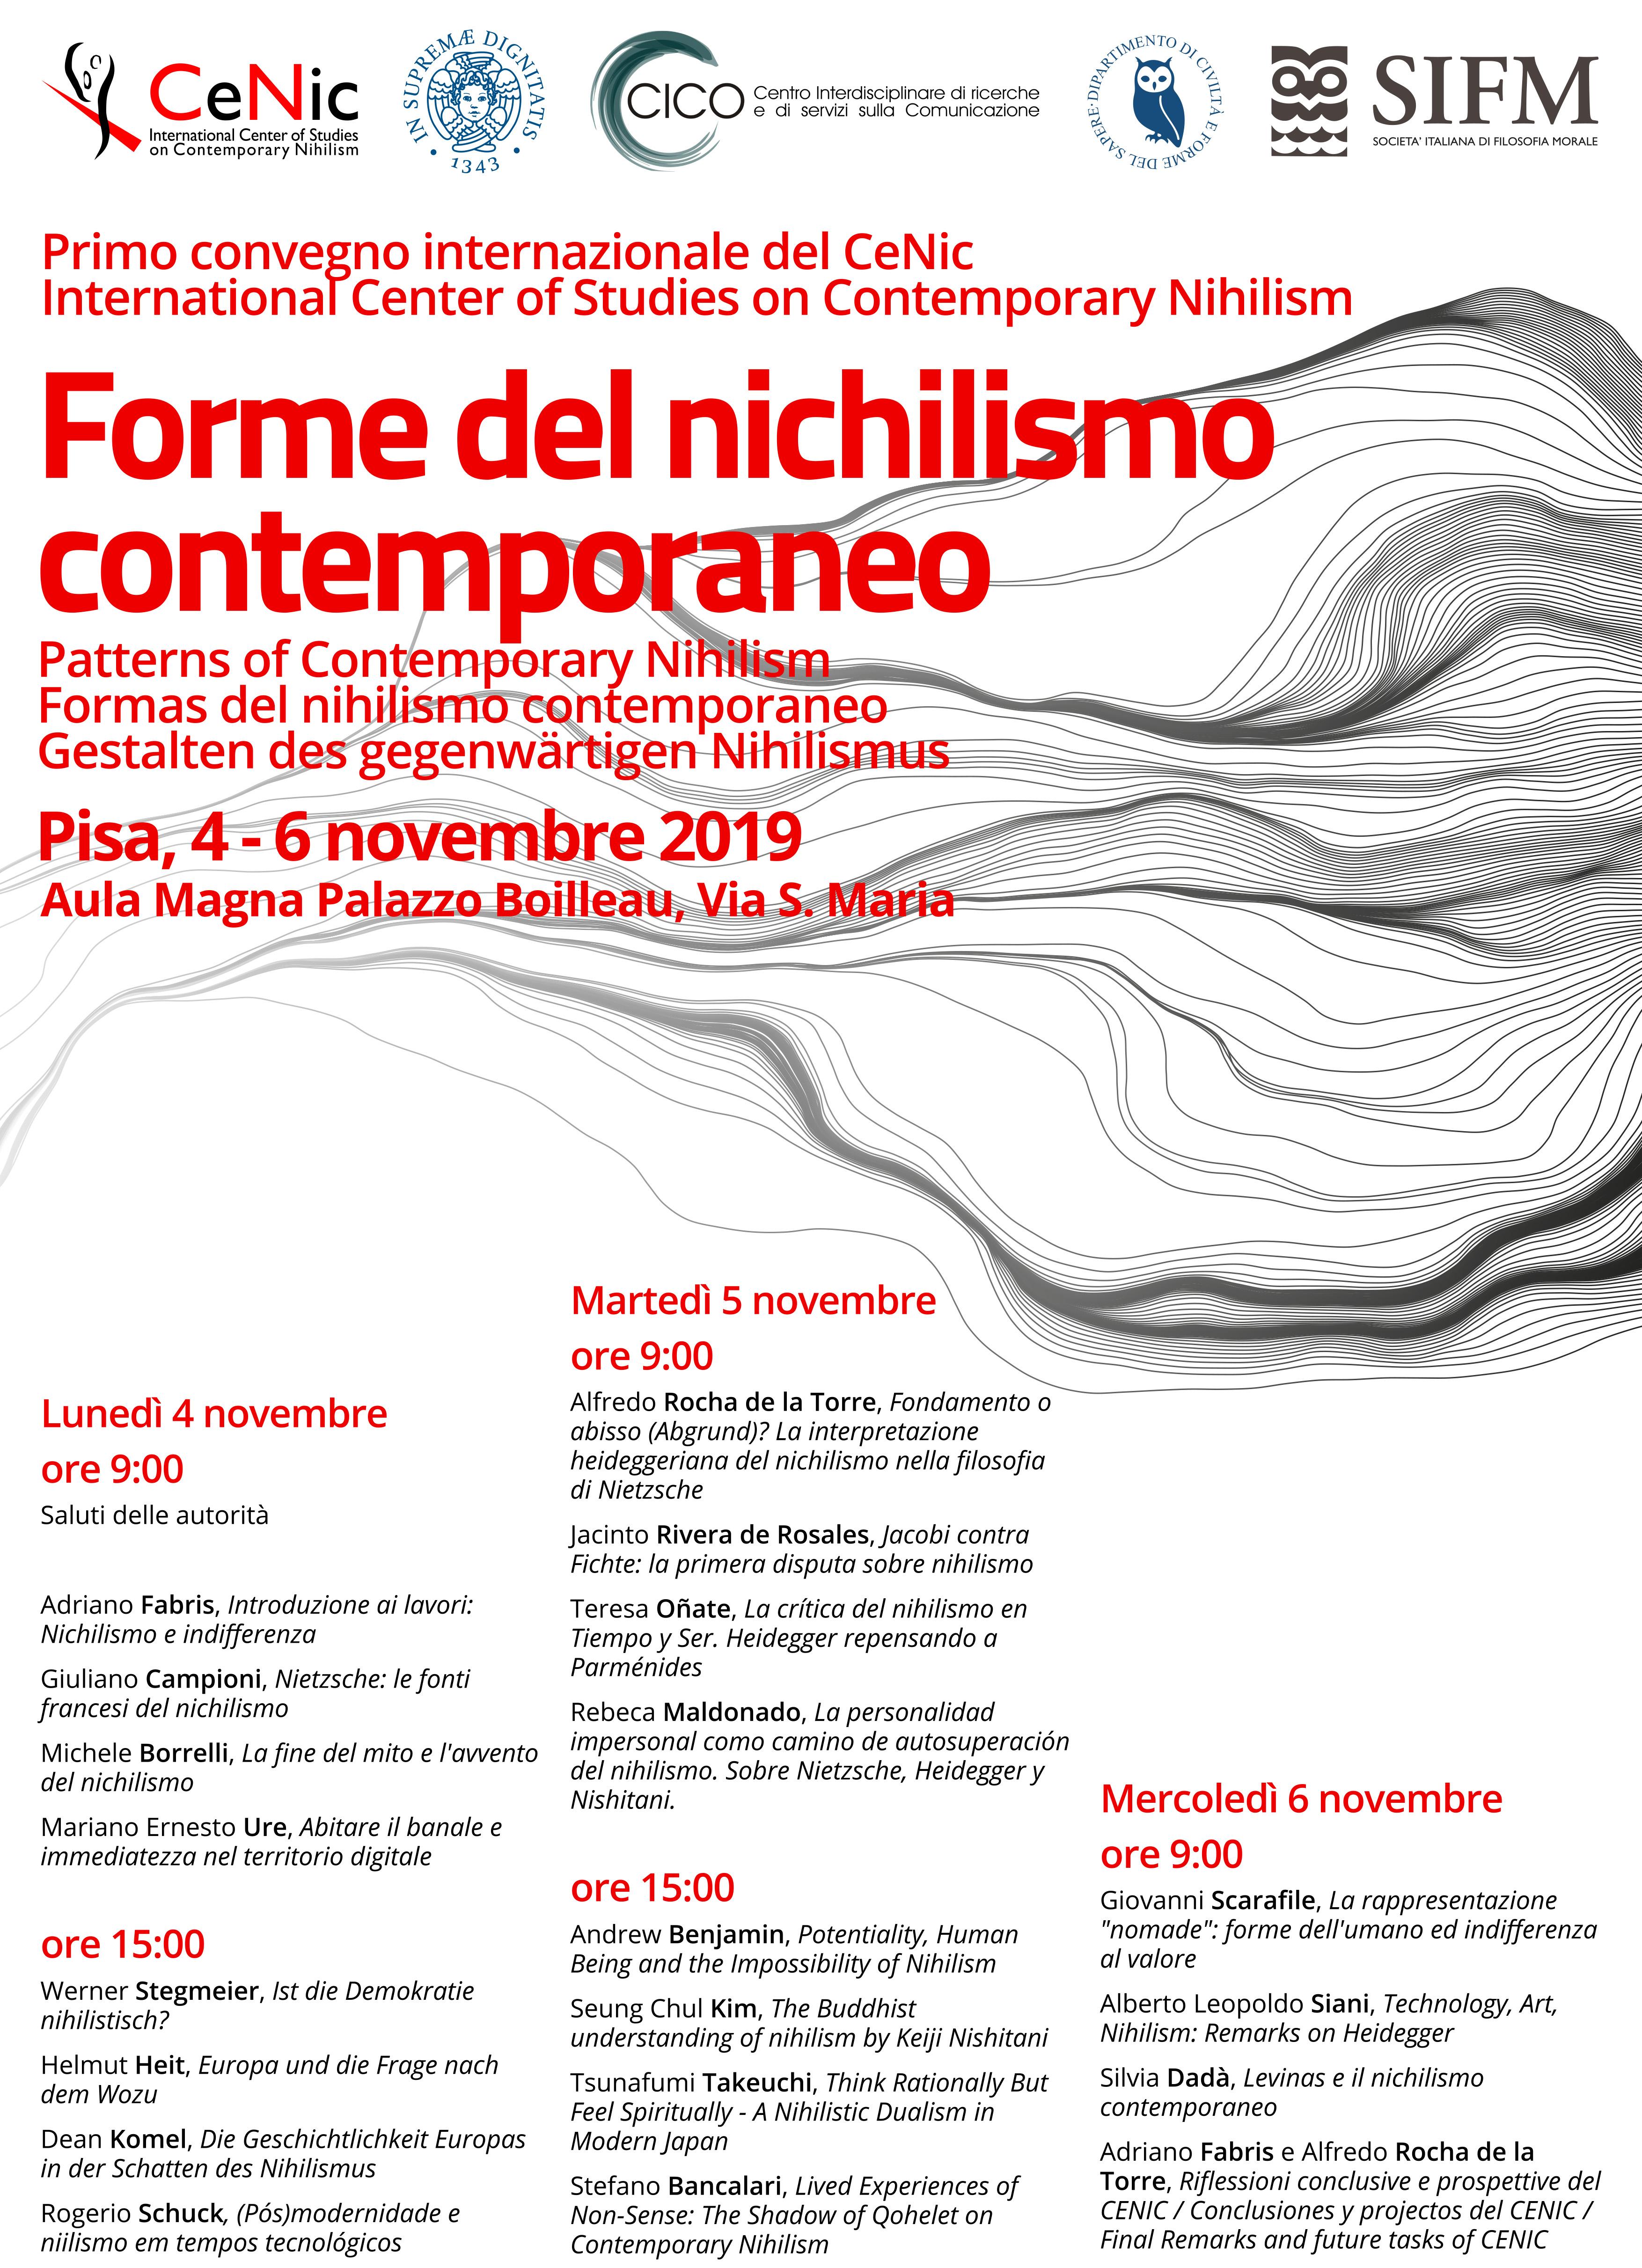 Covegno Forme del nichilismo contemporaneo - Pisa 2019